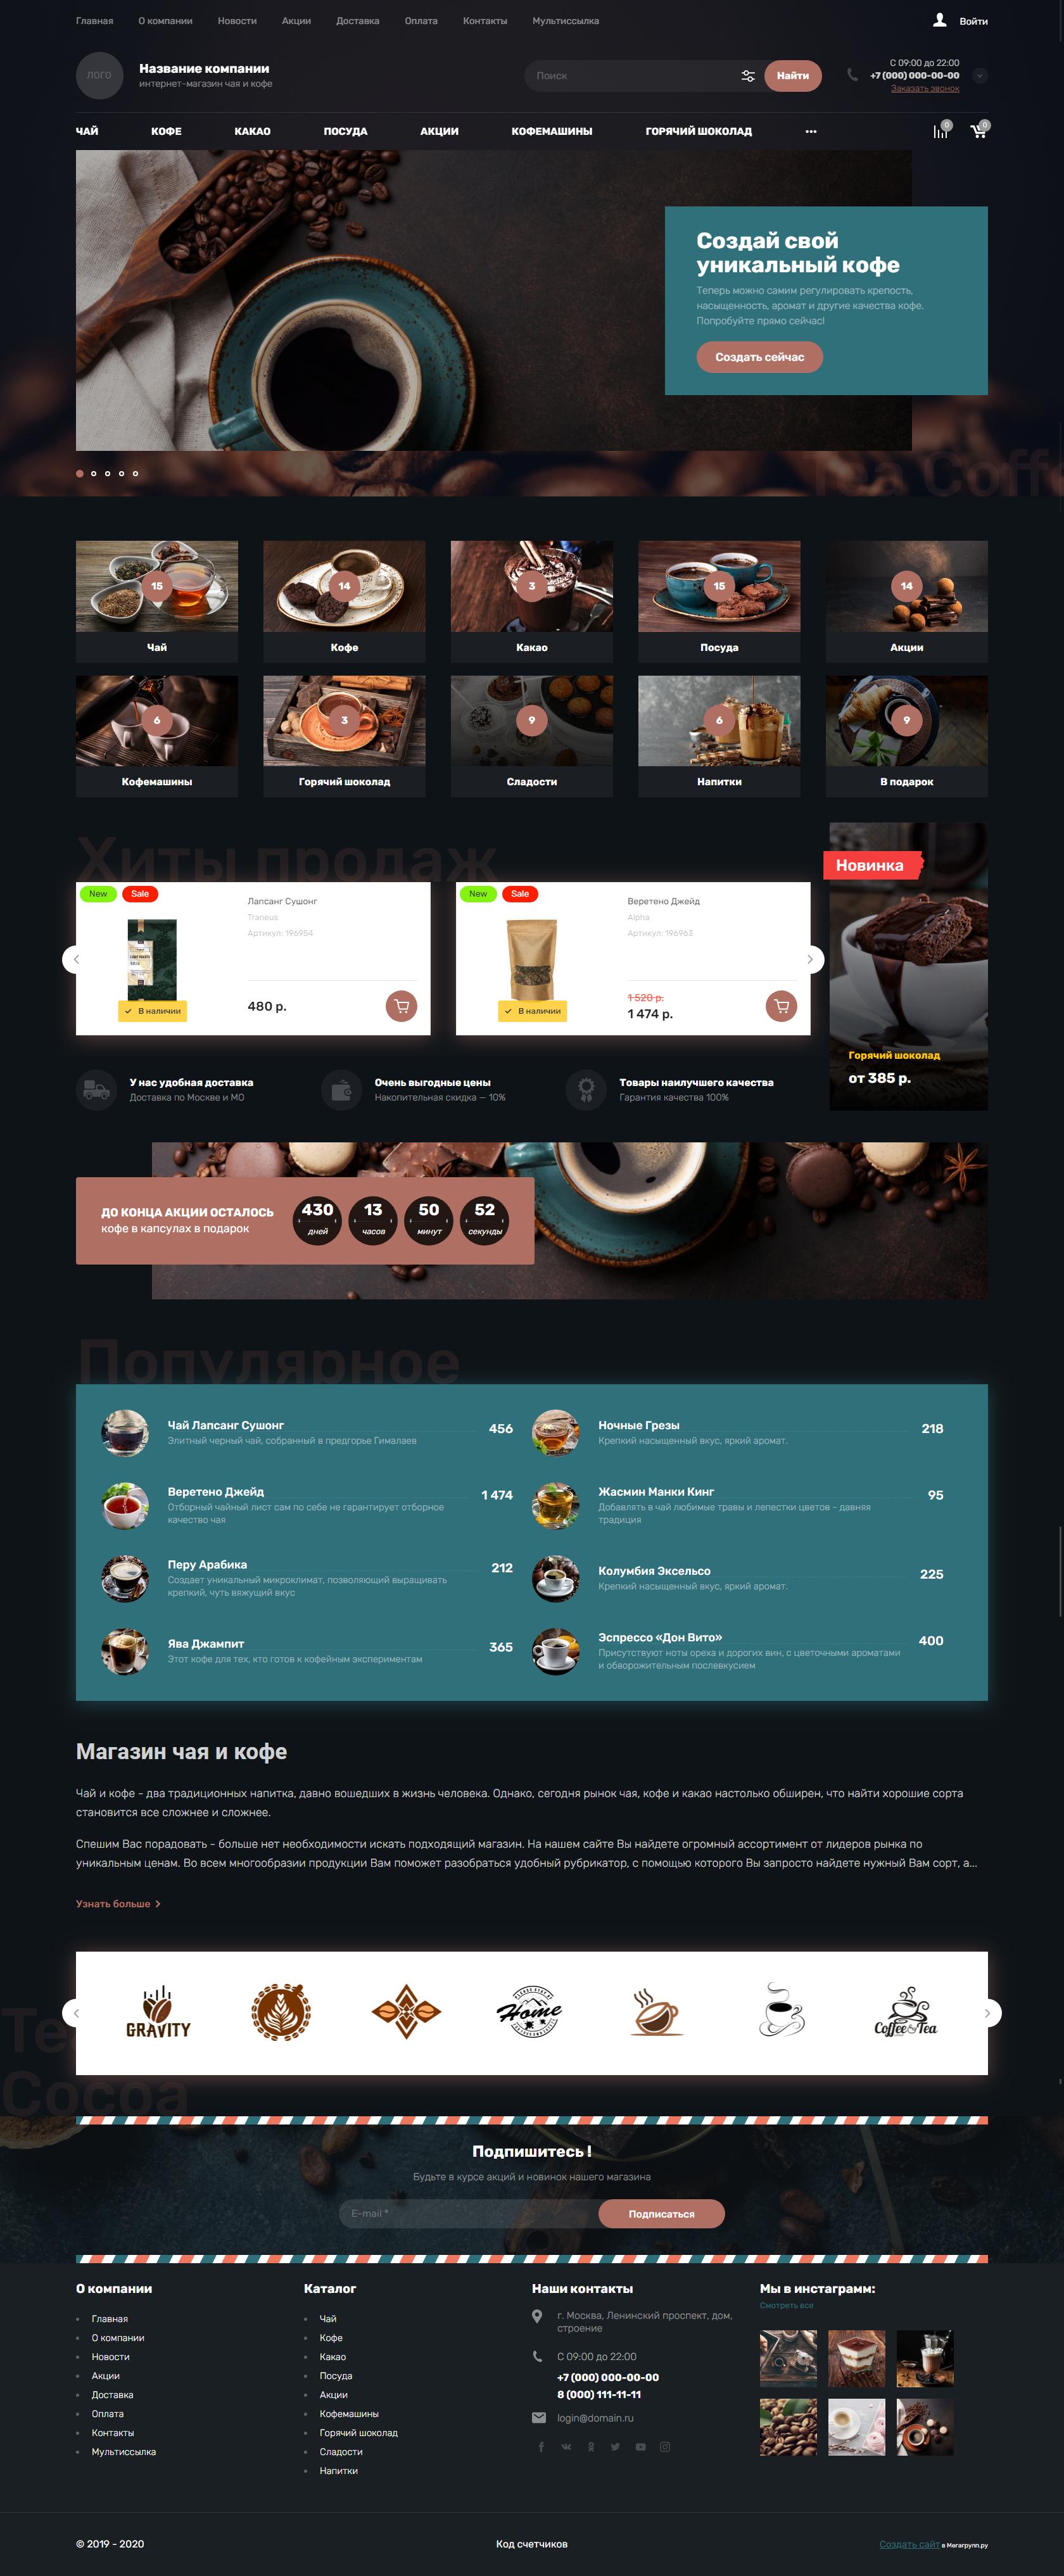 Готовый Интернет-магазин #2486359 - Чай, кофе, какао с доставкой на дом (Варианты показа товаров на темном фоне)